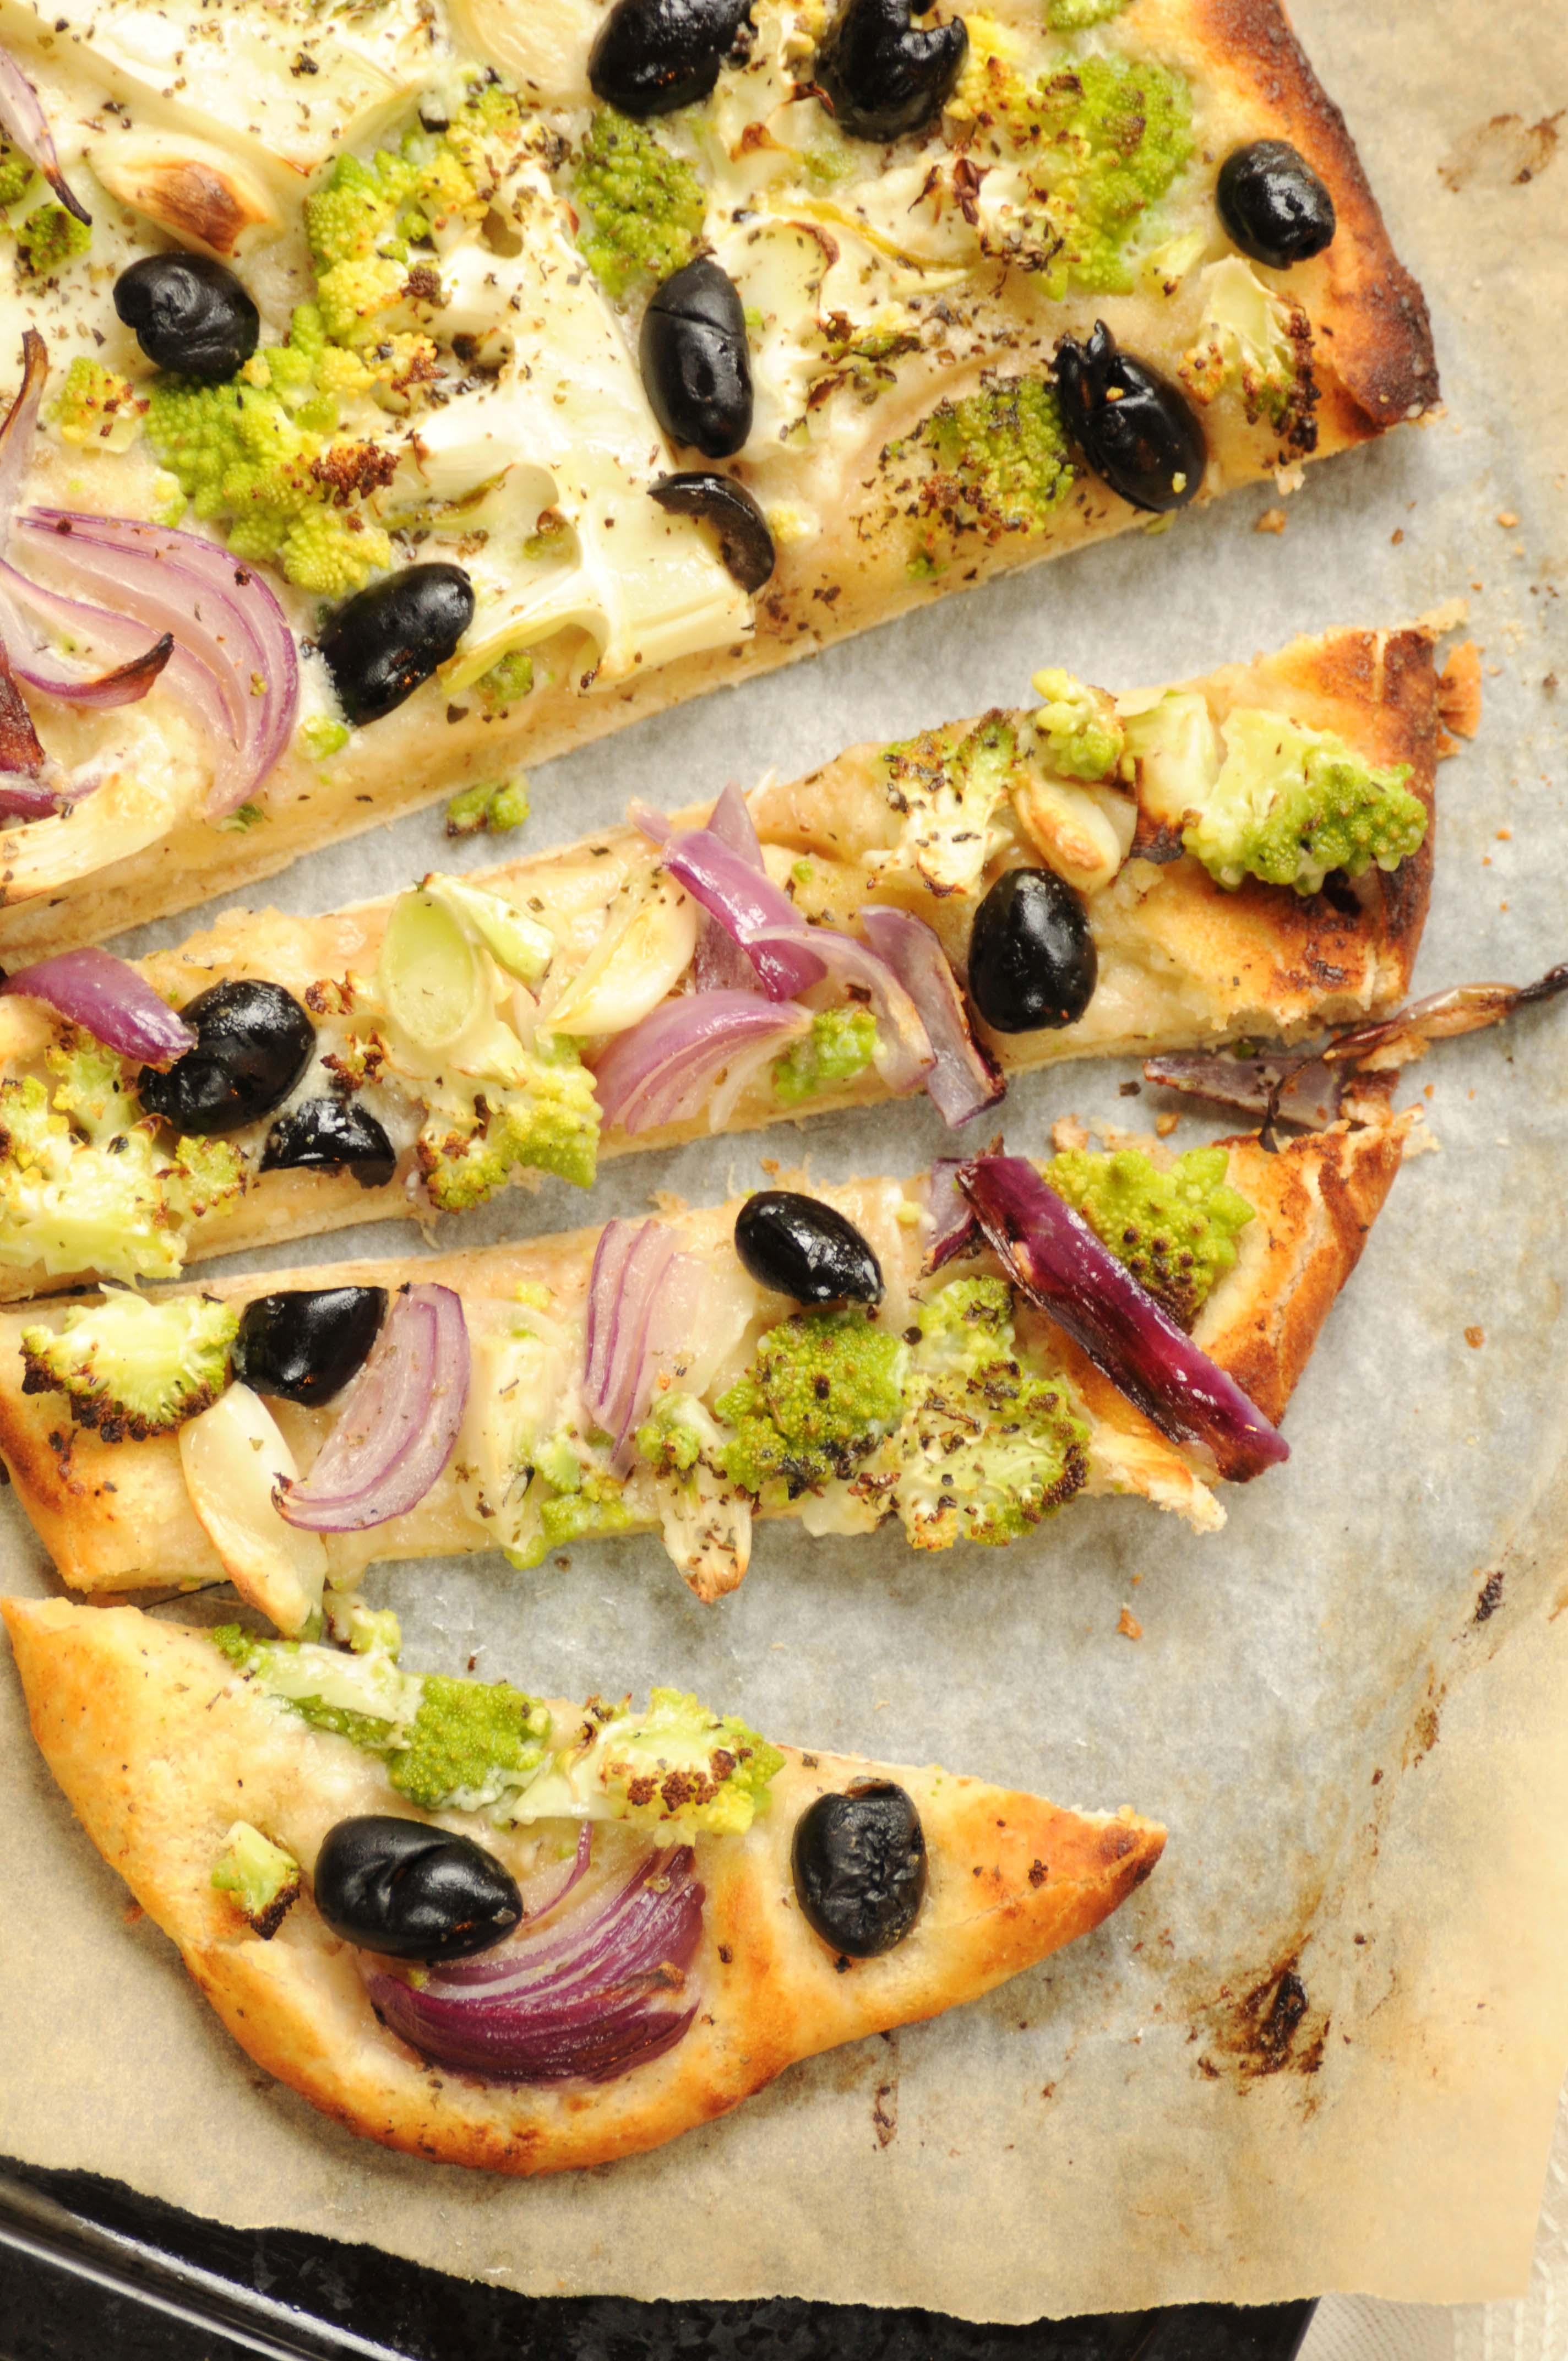 blomkål på pizza